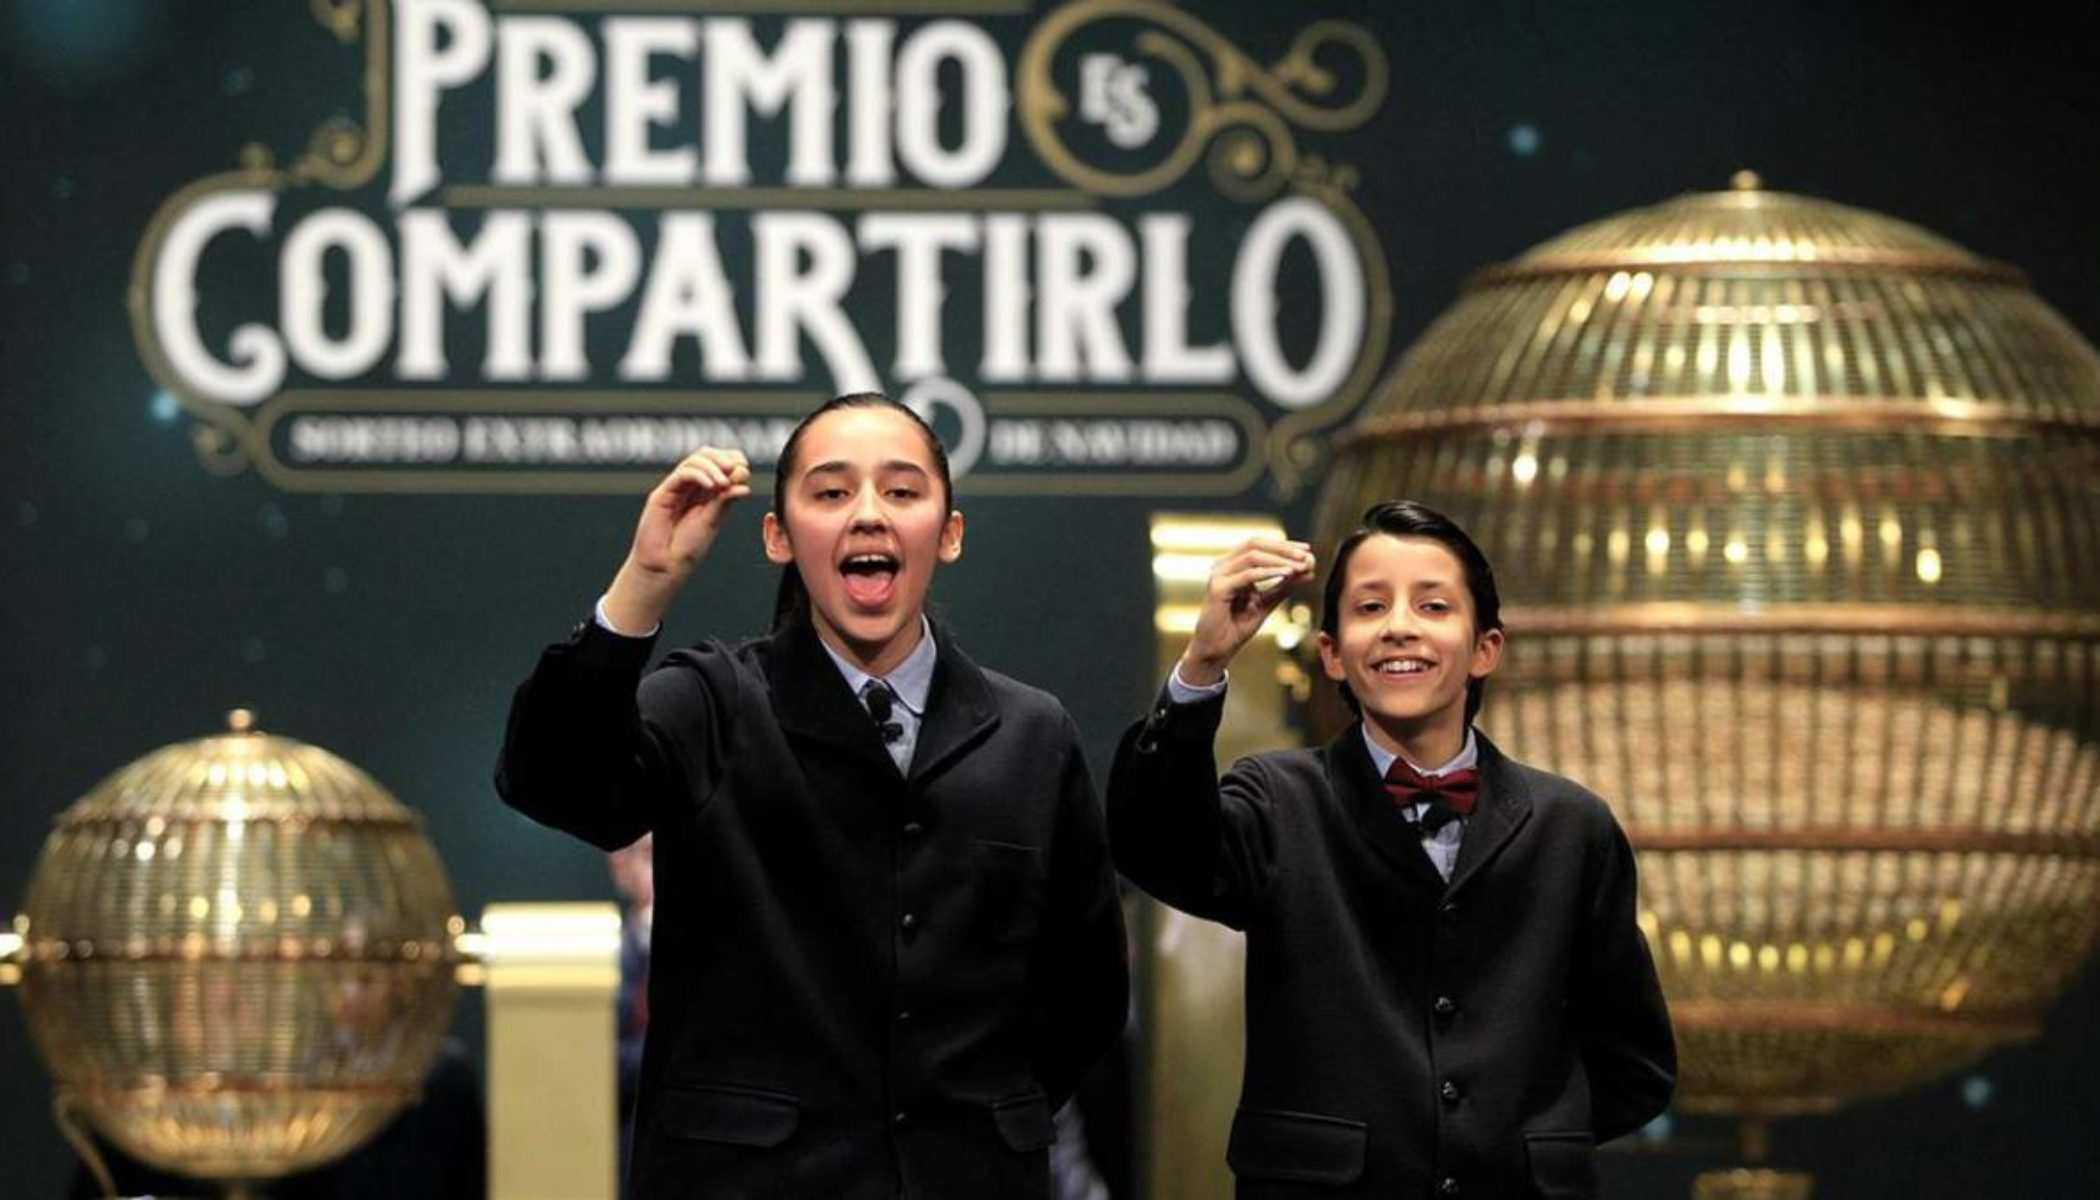 Лотерея el gordo de la primitiva — как принять участие находясь в россии   лотереи мира